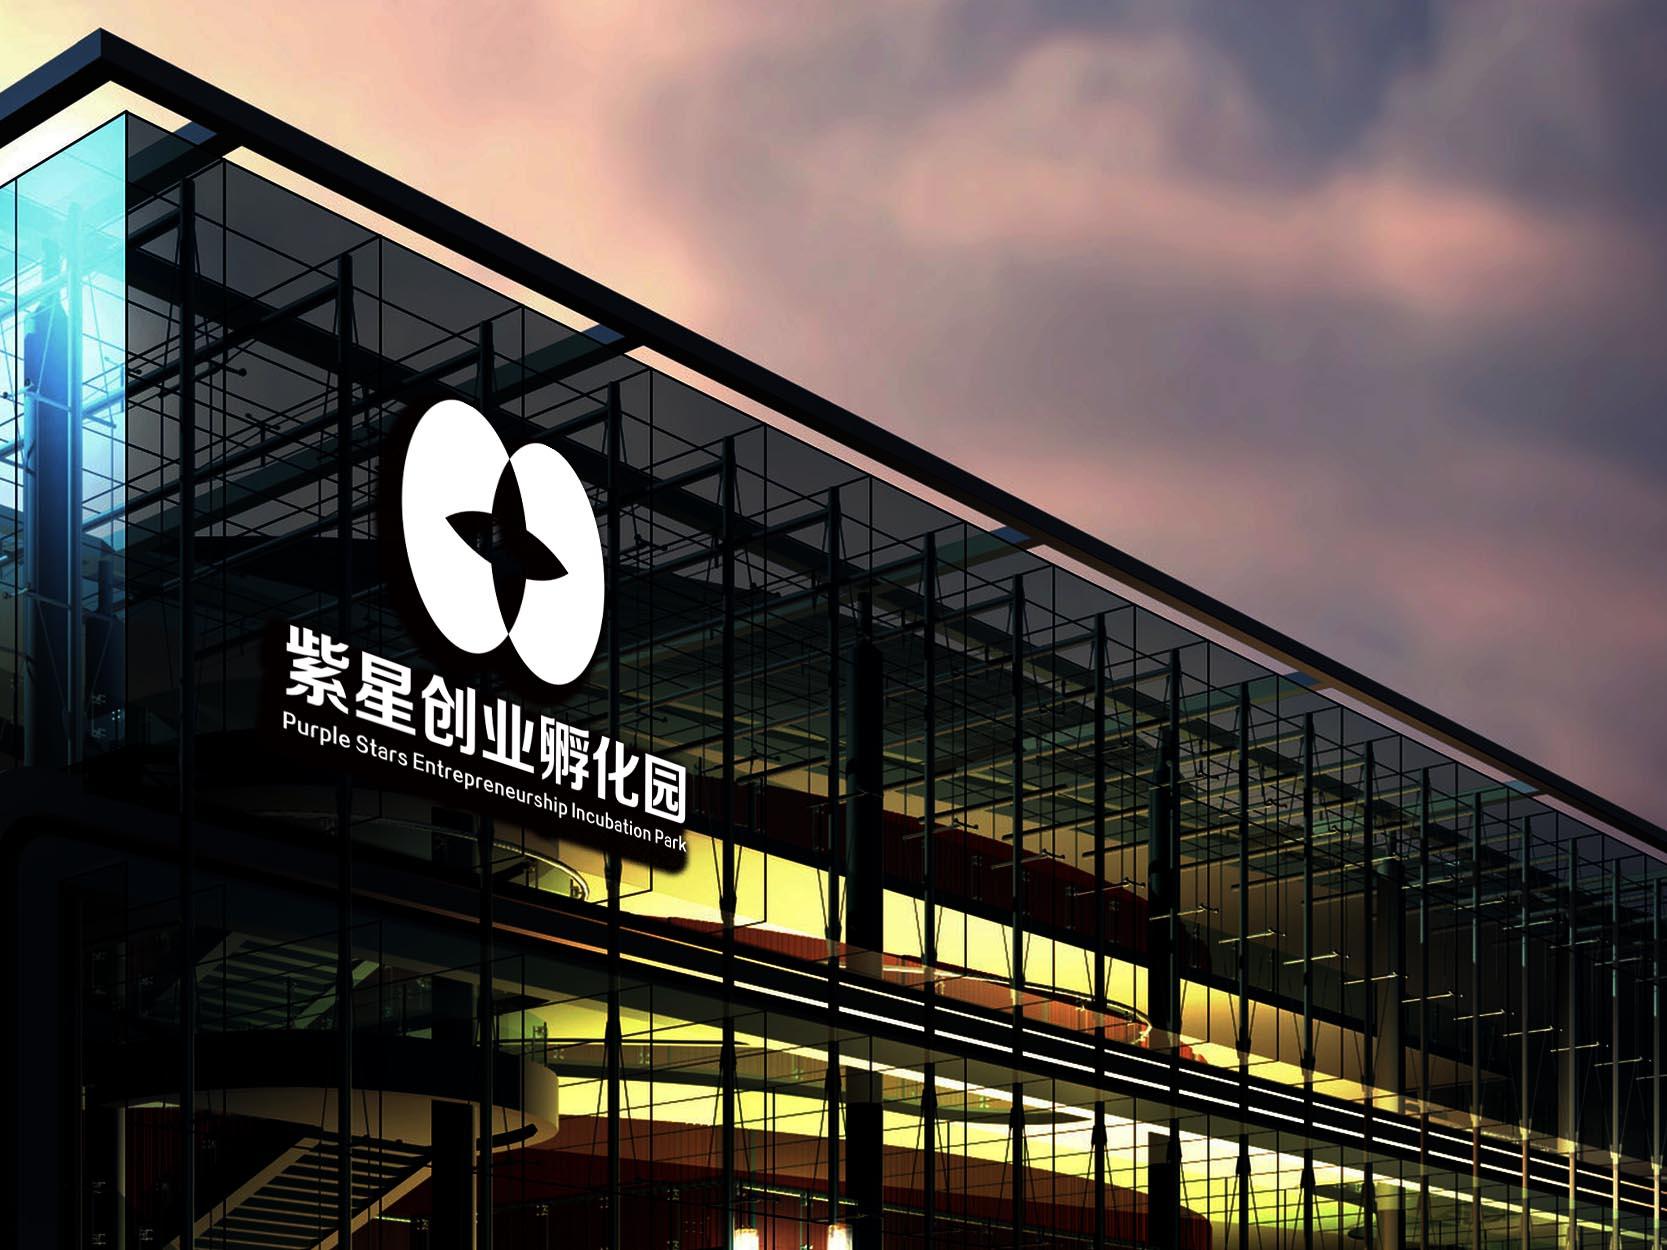 紫星创业孵化园logo设计_2956102_k68威客网